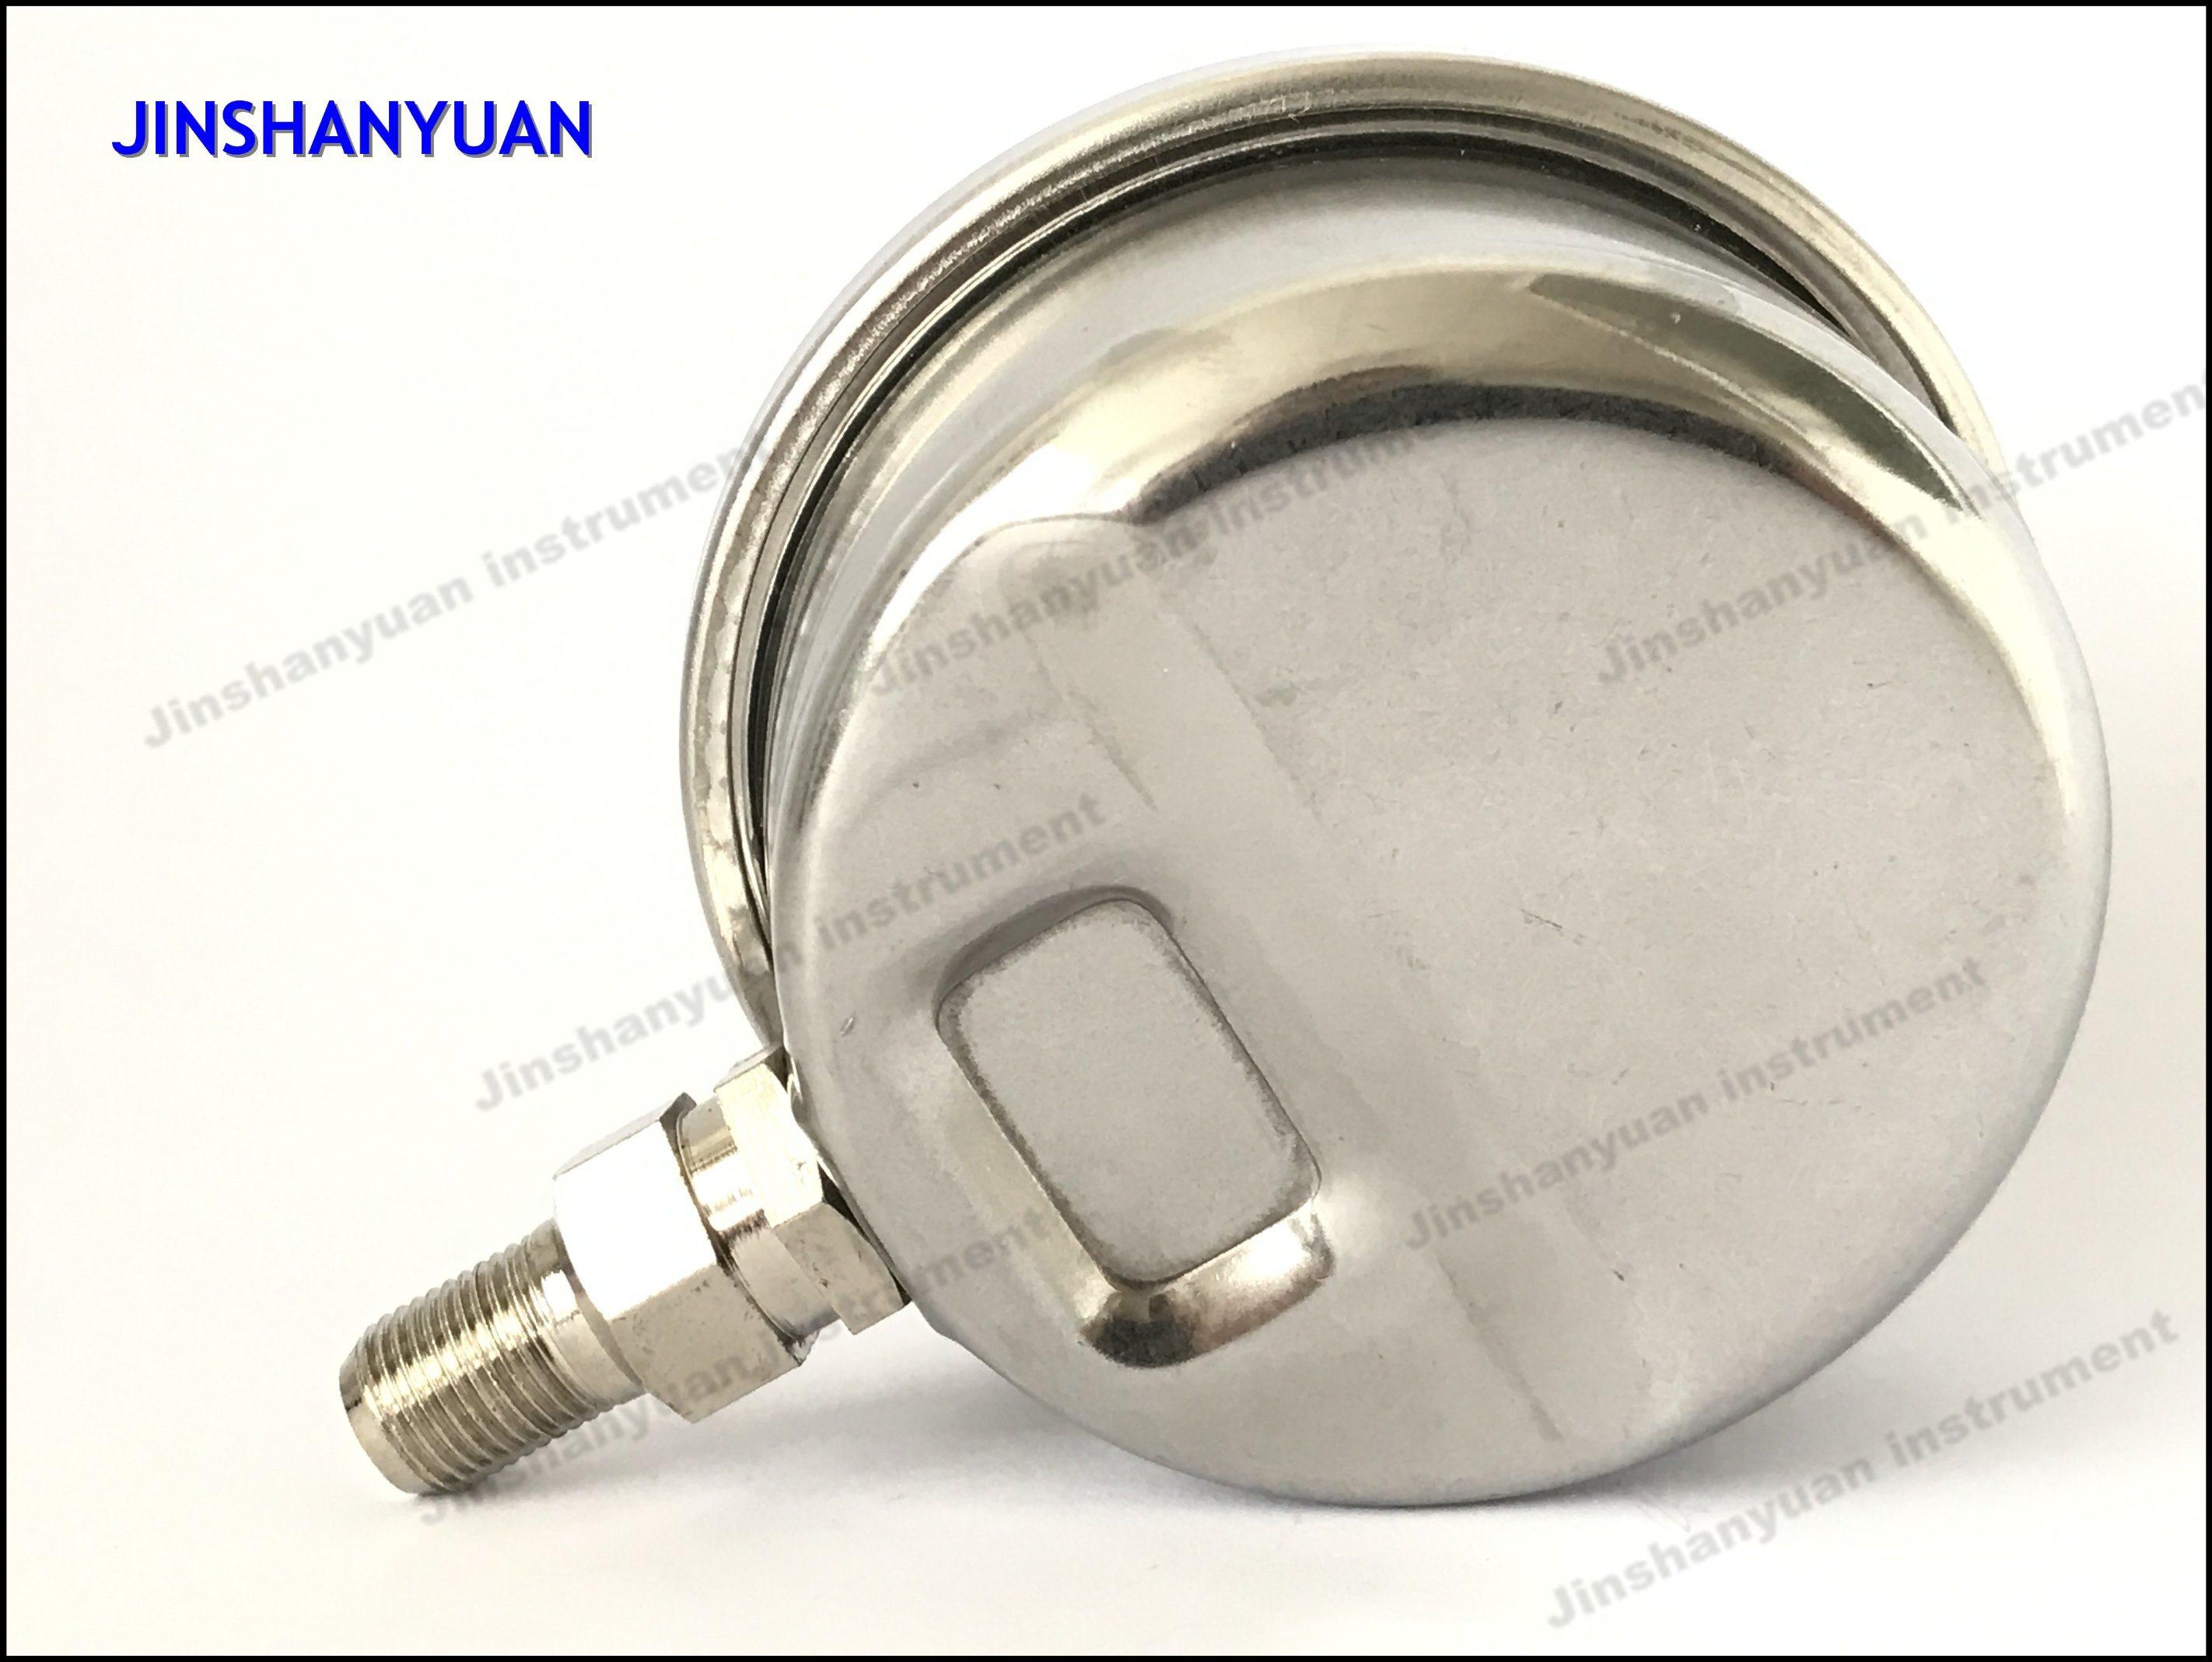 Og-010 Glycerine Pressure Gauge/Liquid Filled Pressure Gauge/Oil Pressure Gauge